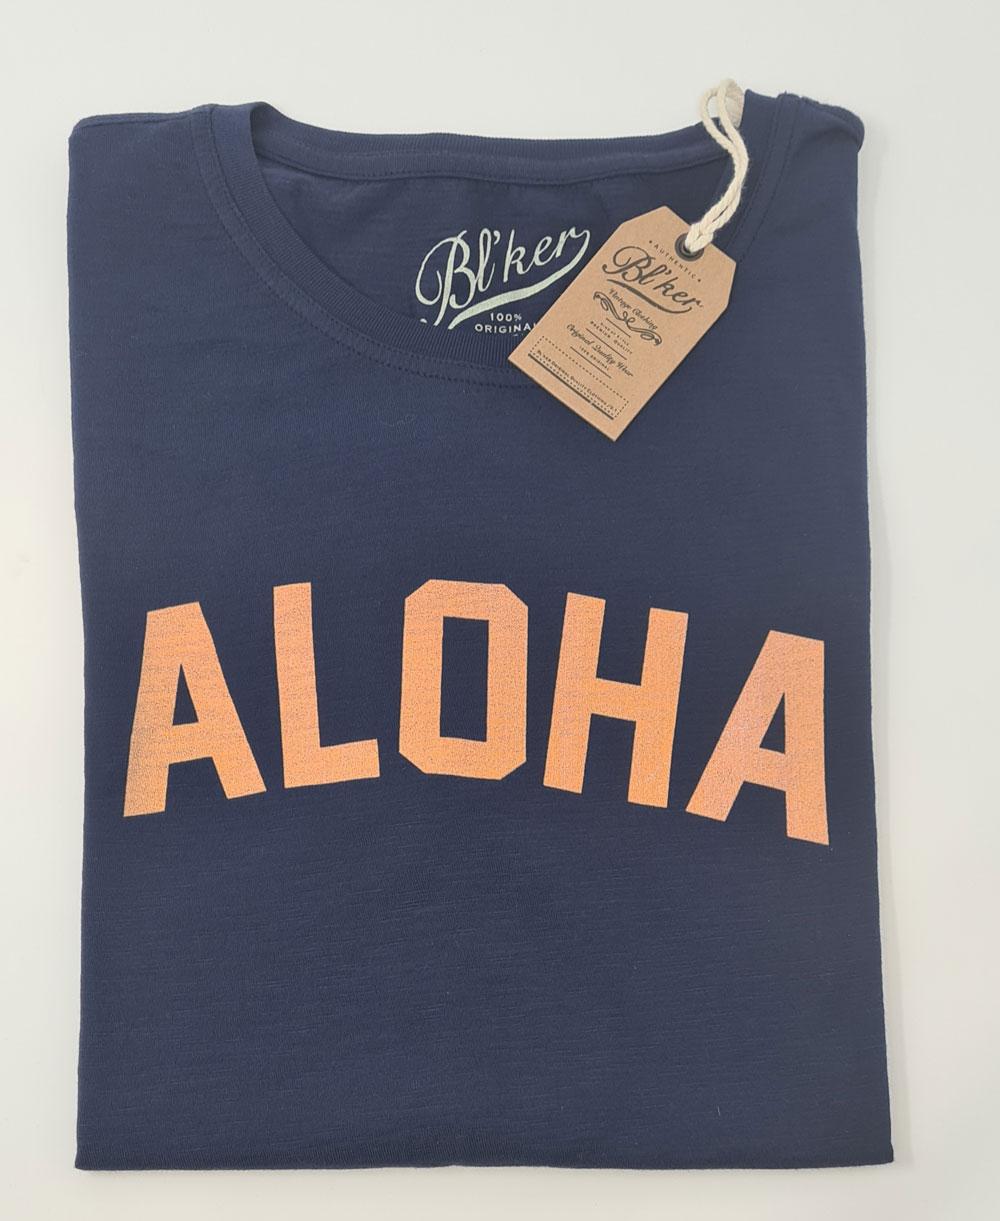 Aloha Camiseta Manga Corta para Hombre Navy